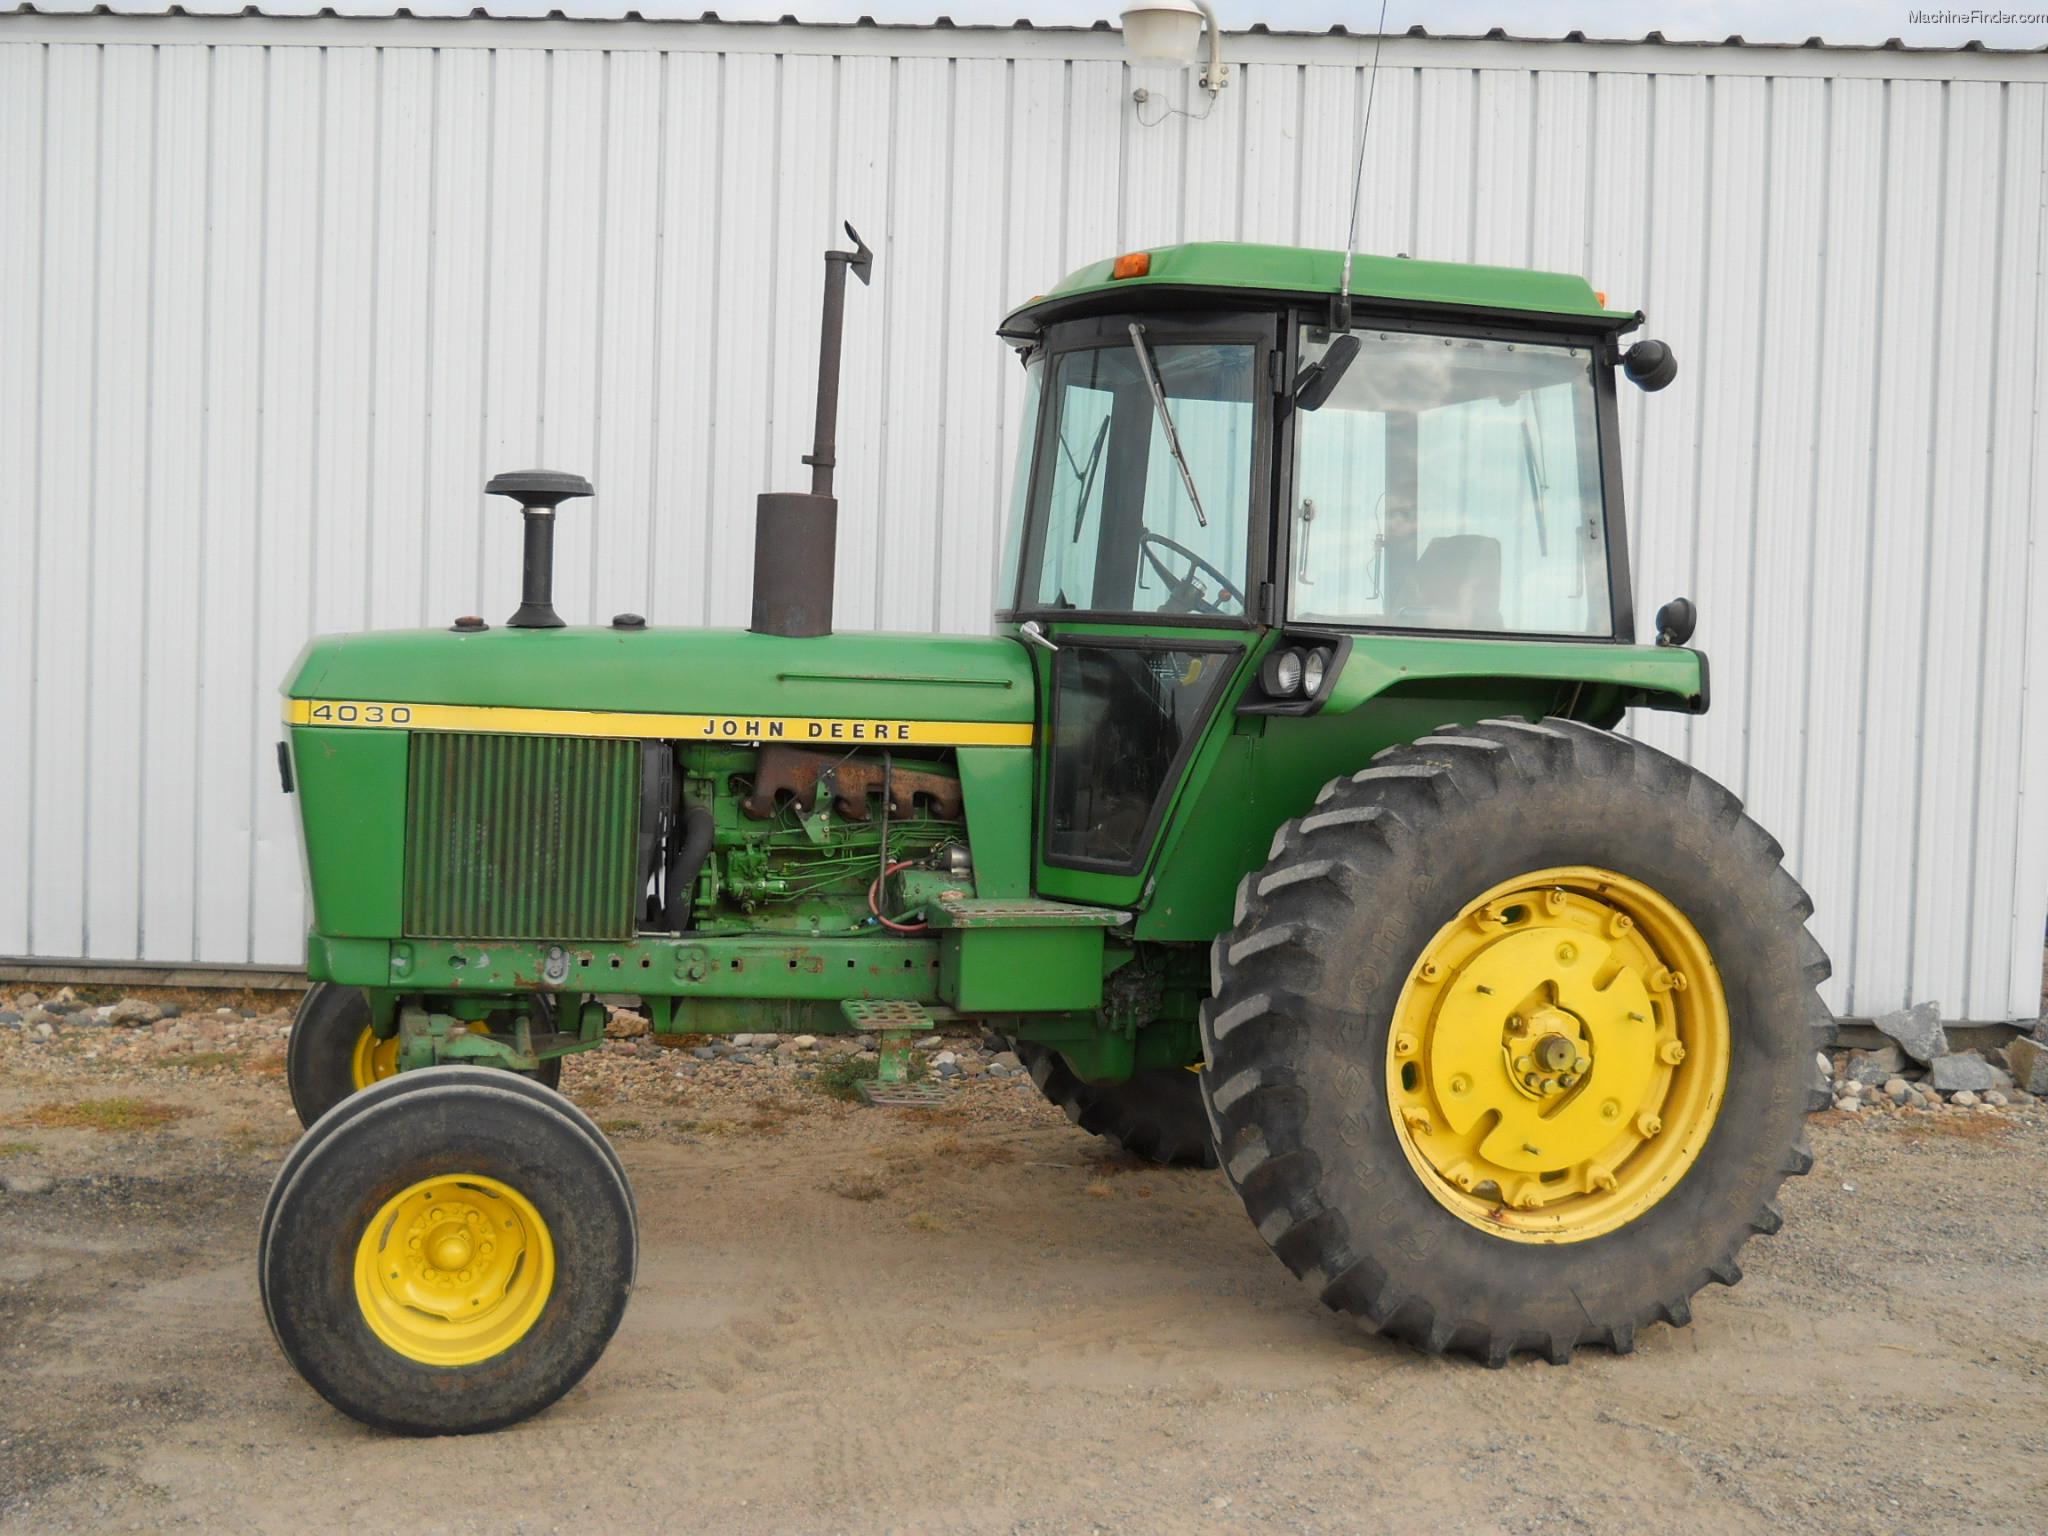 John Deere 4030 Tractors - Row Crop (+100hp) - John Deere ...